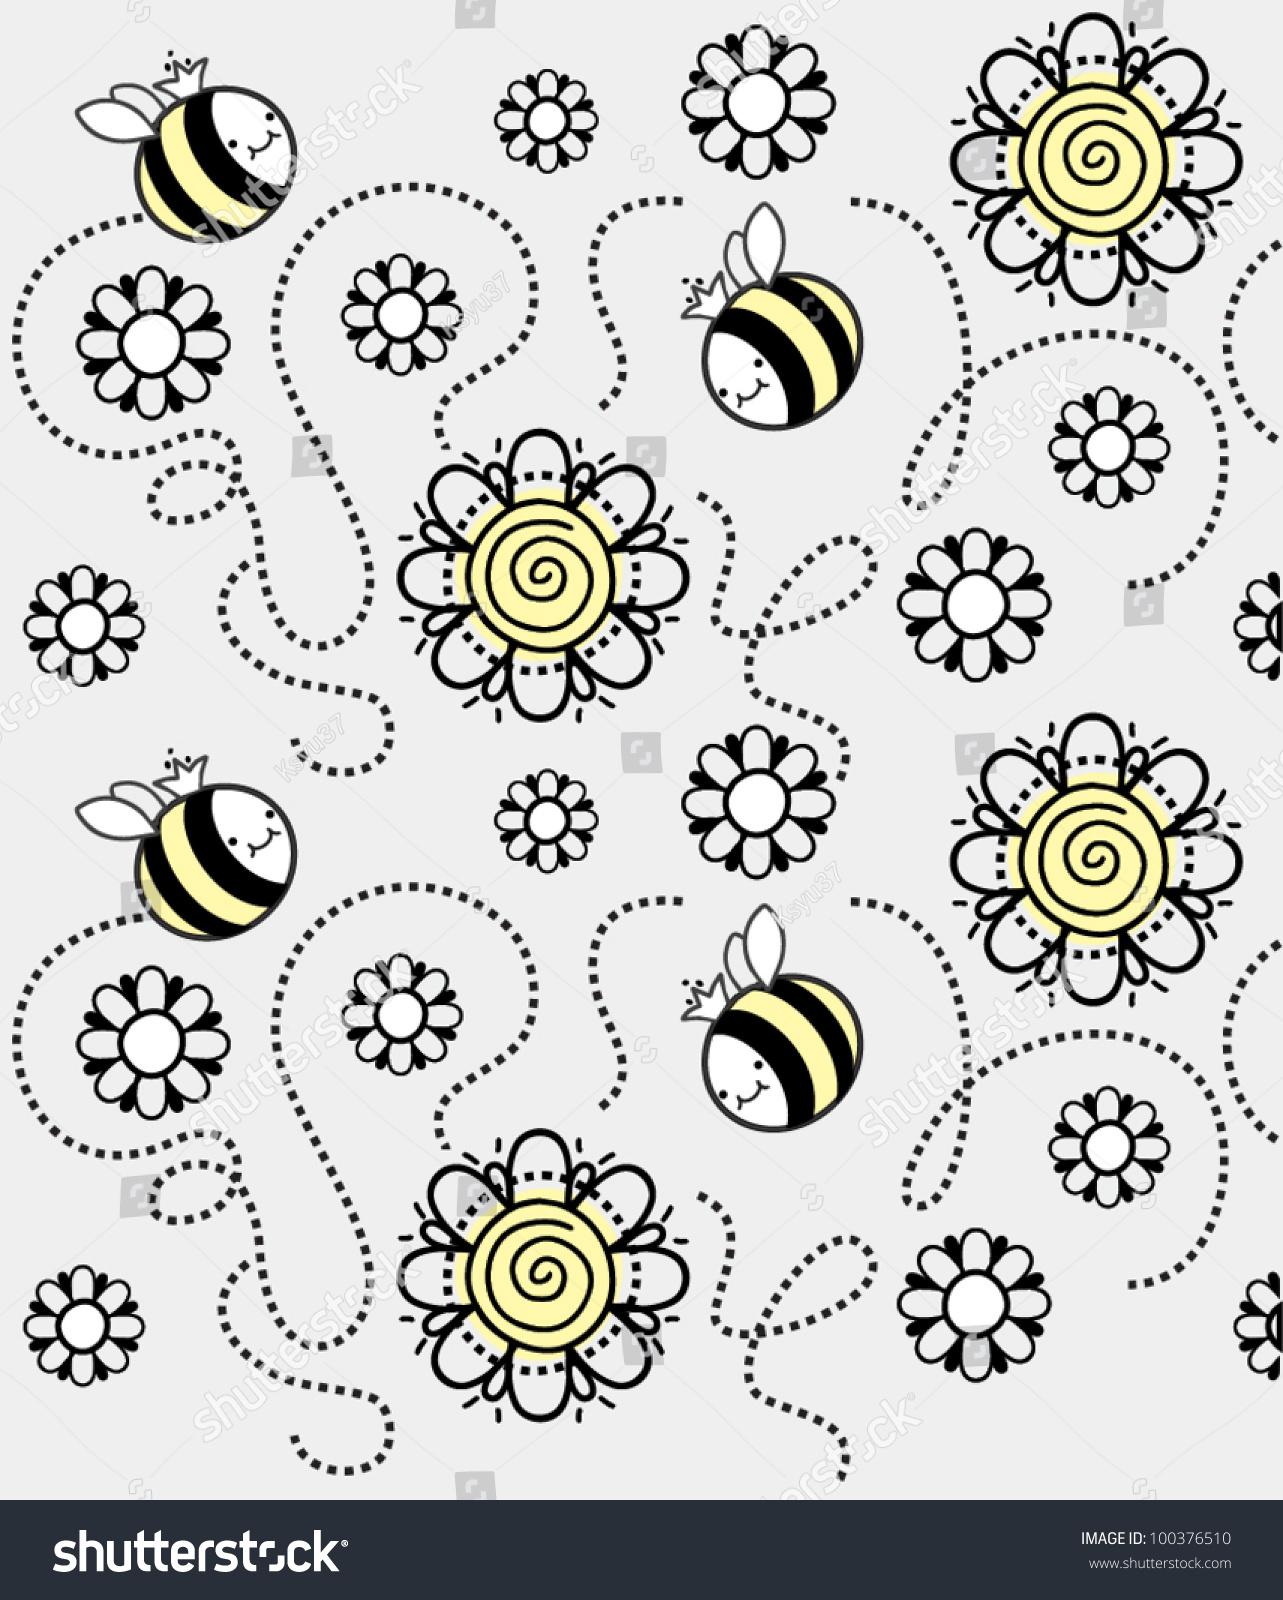 生物和花的动物-模式/野生鸽子,抽象-海洛创意蜜蜂不忍心杀图片